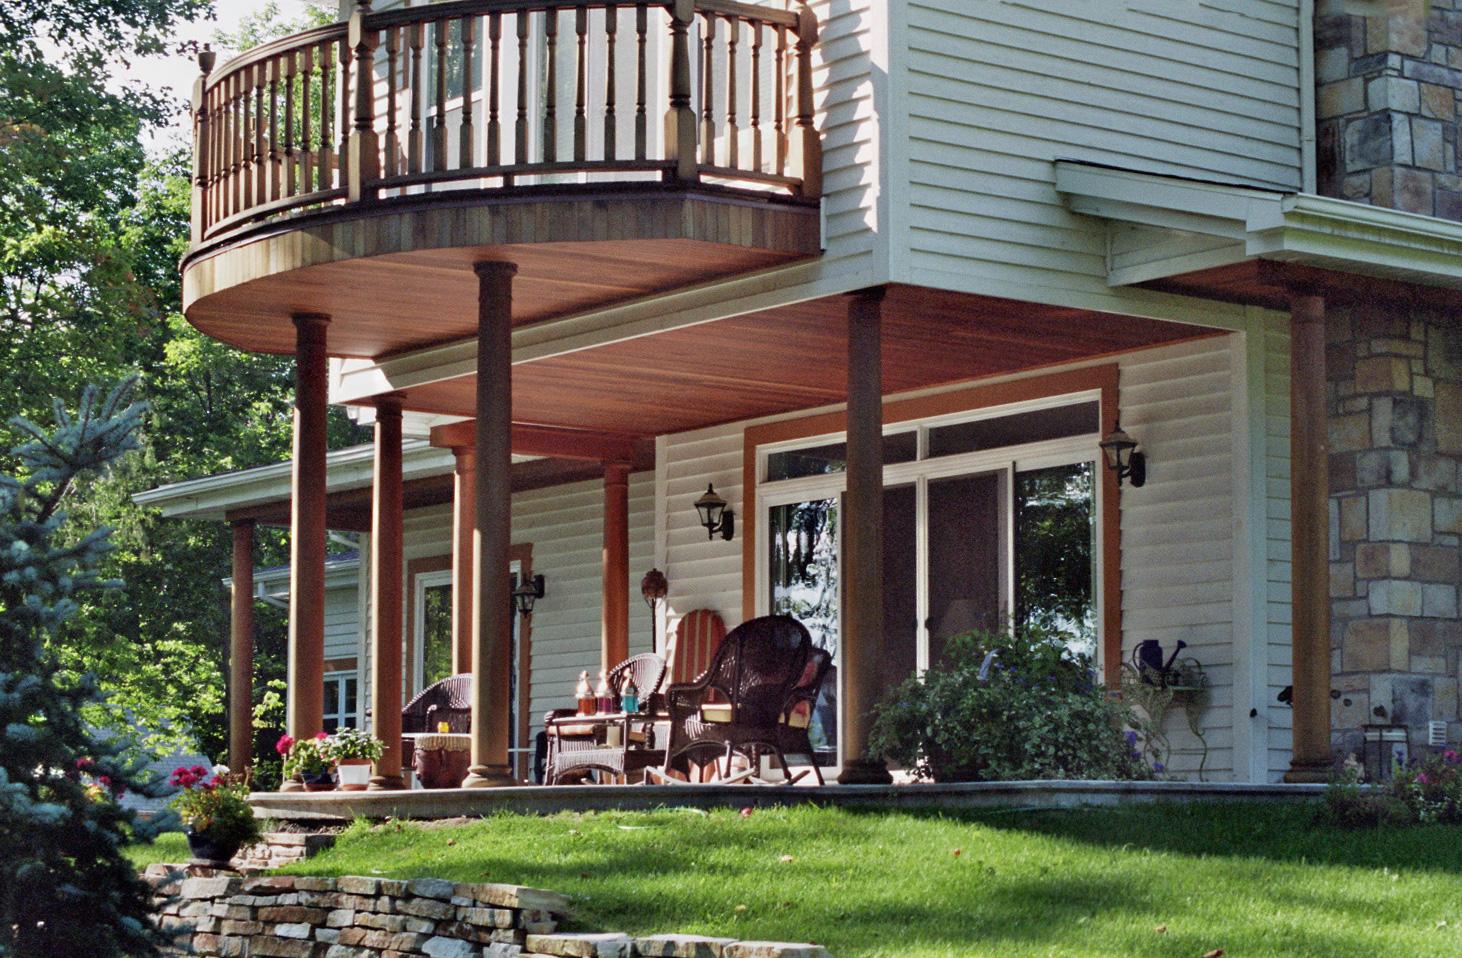 Poteaux colonnes moulures arabesques escaliers mains for Moulure exterieur pour maison